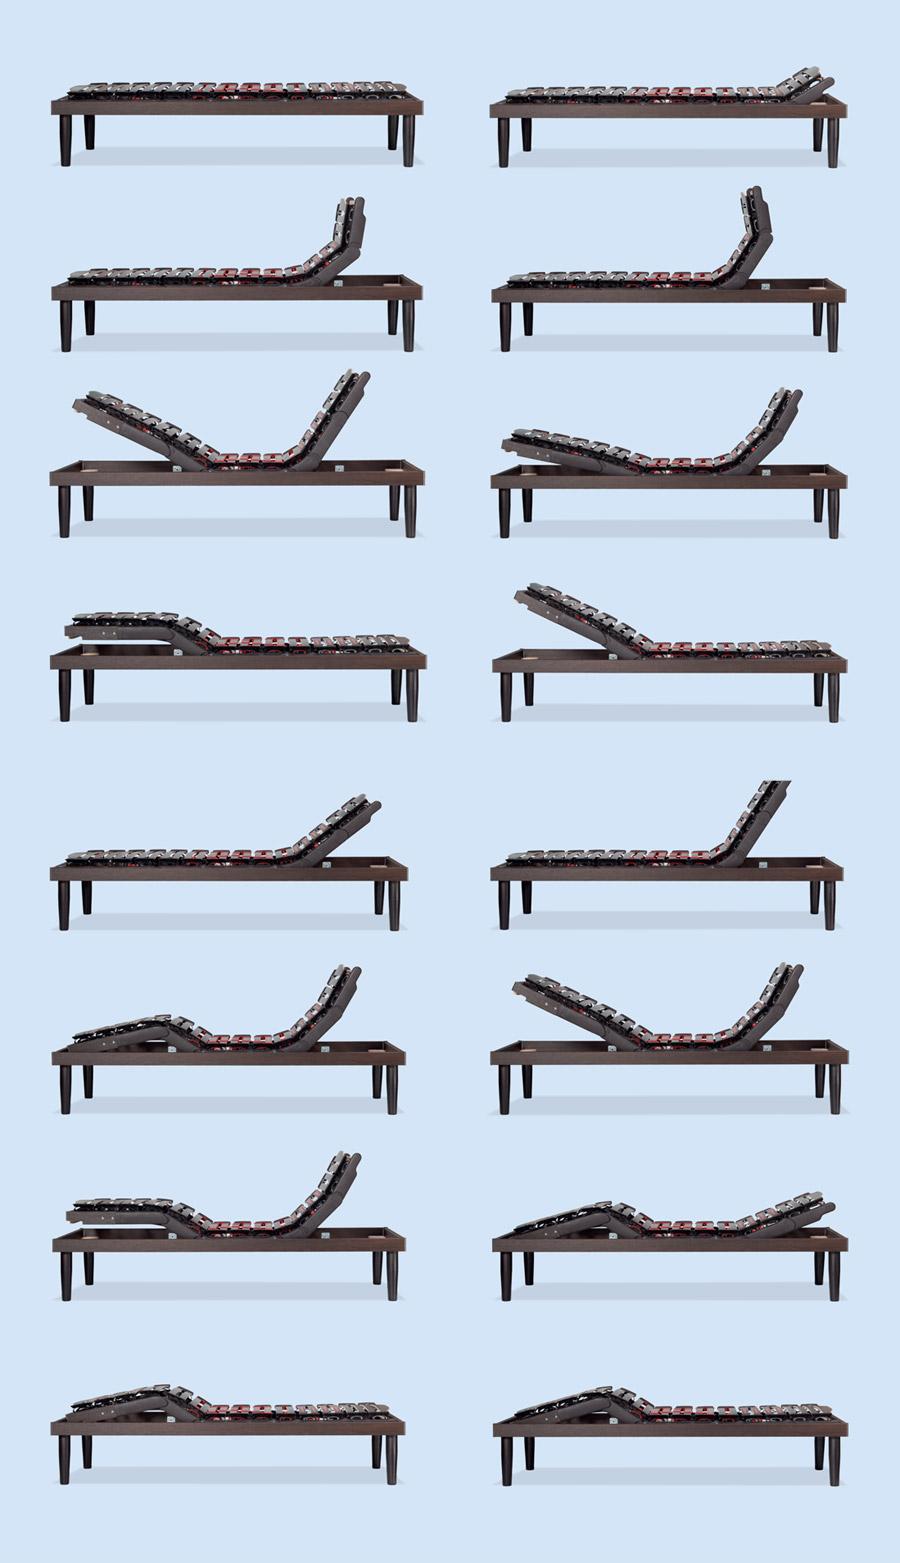 Posizioni possibili con la rete per materasso Ergomovie De Luxe